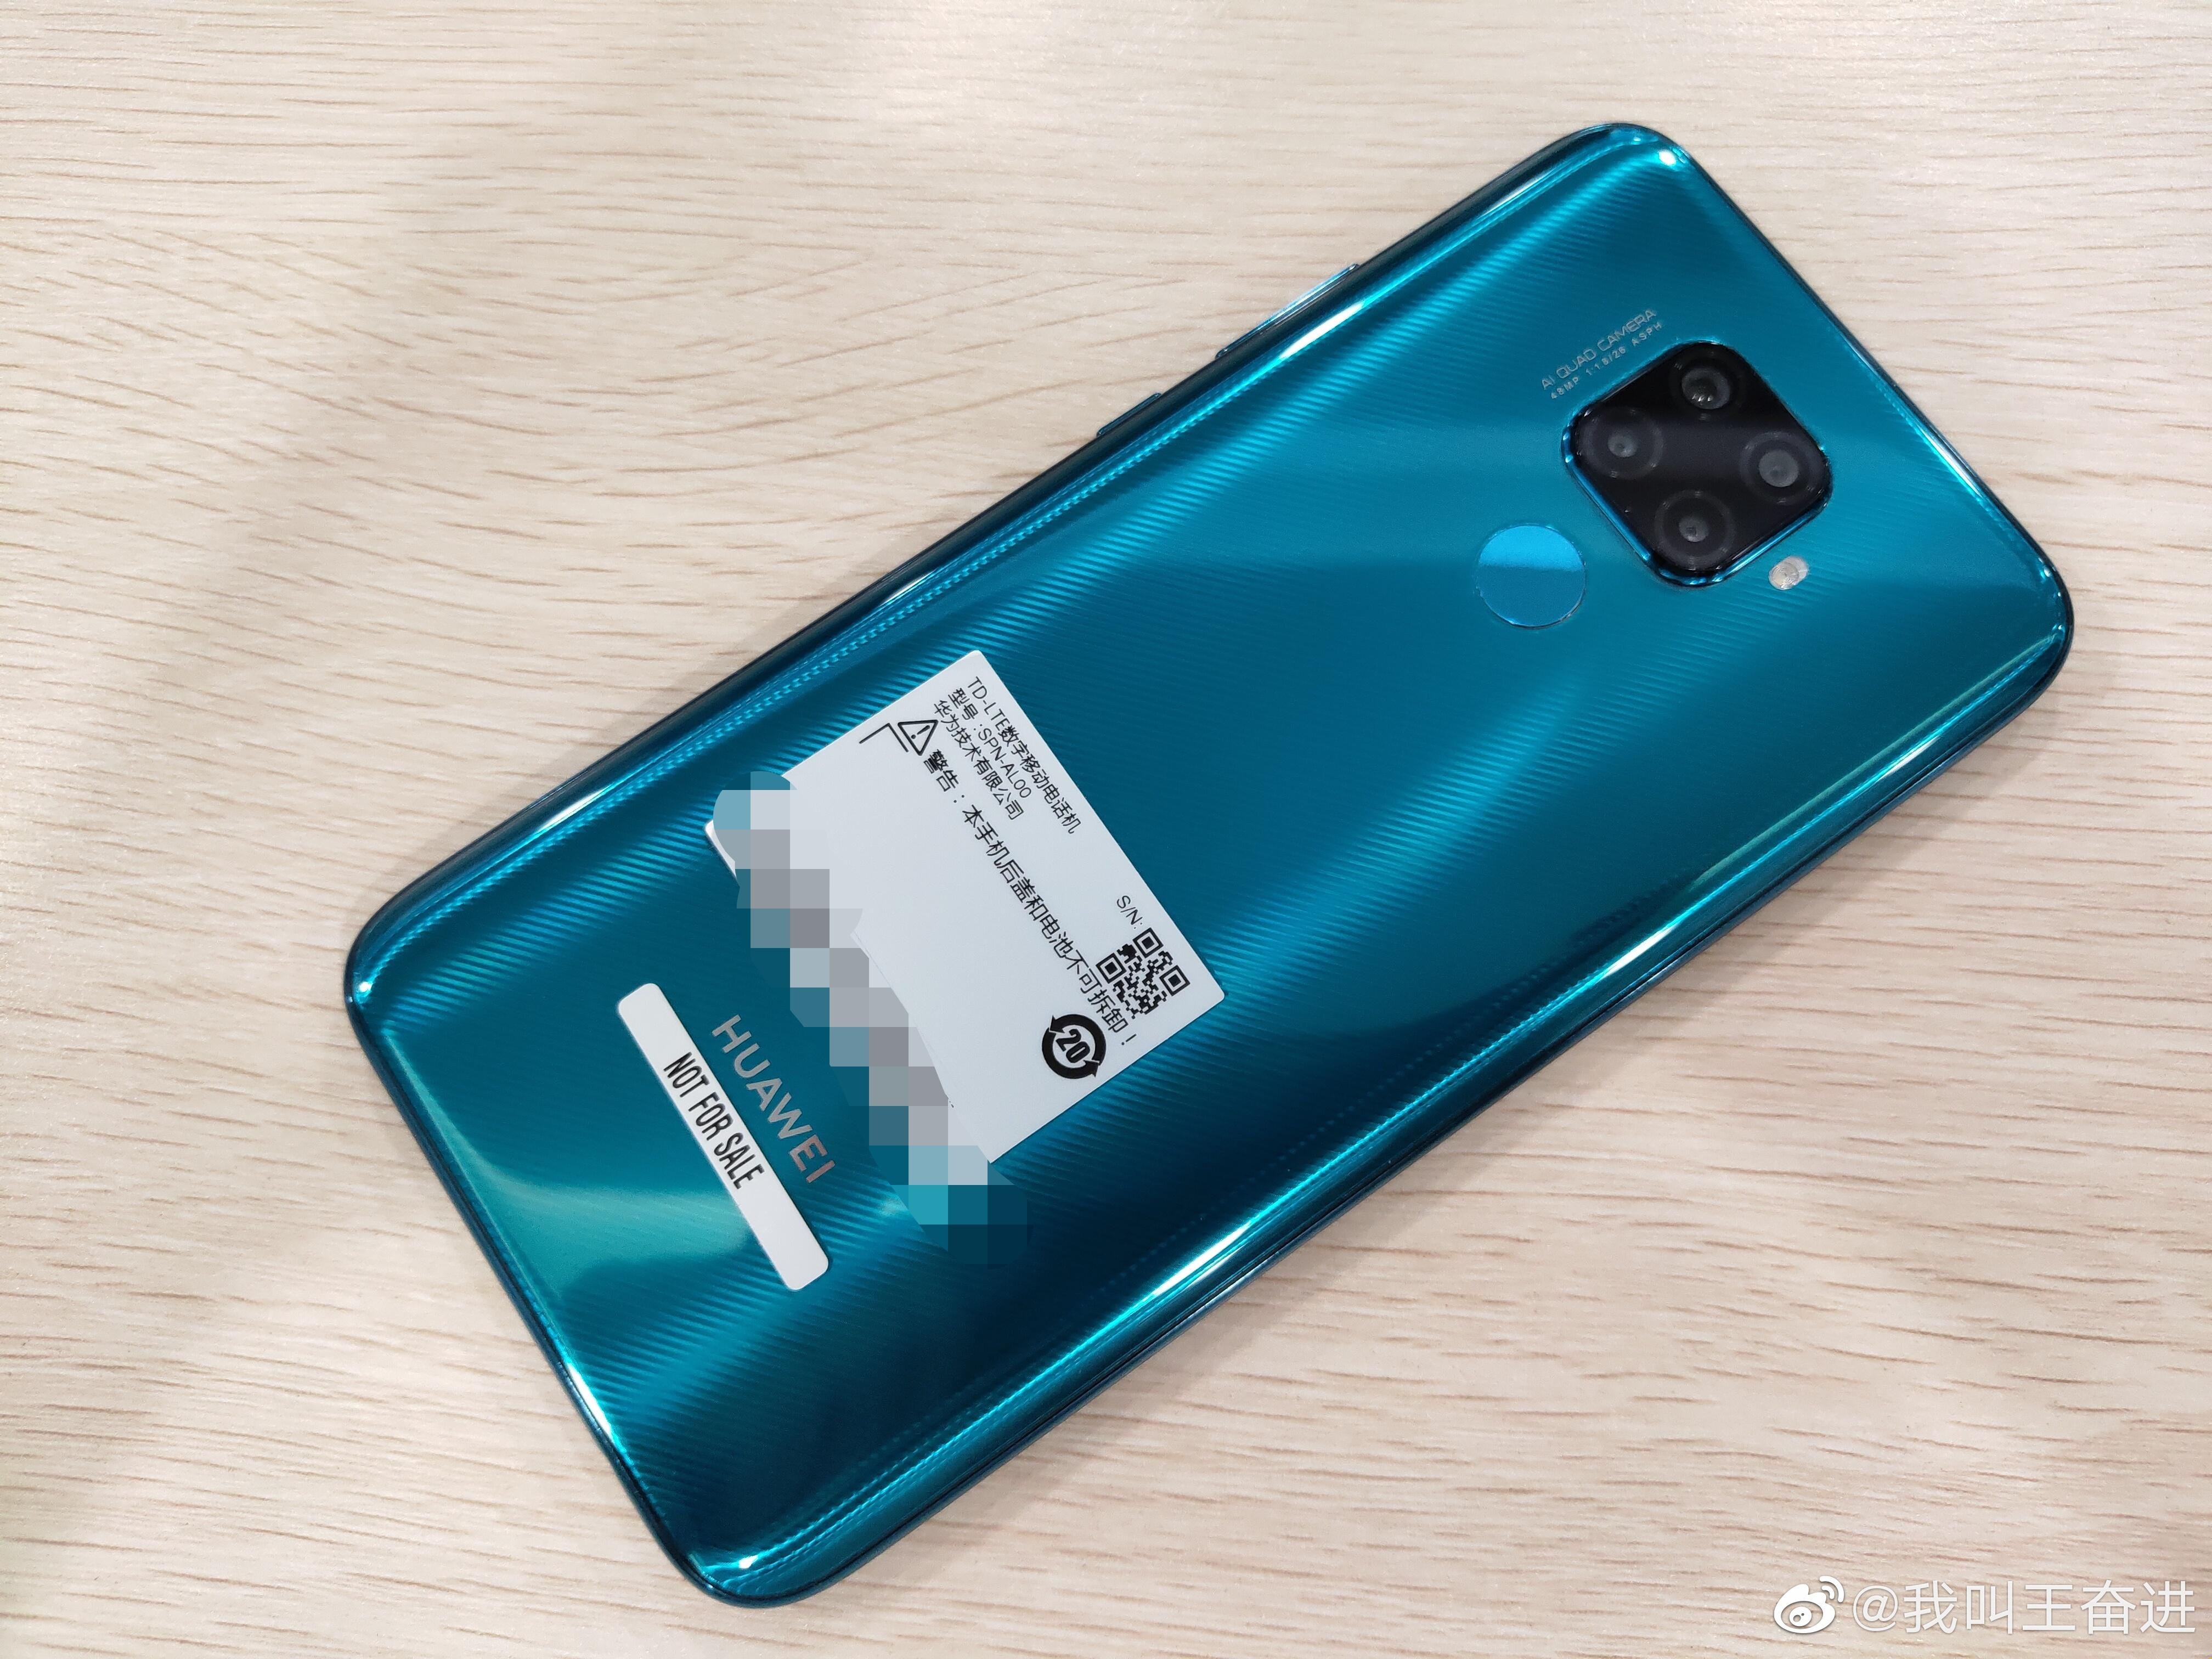 Huawei Mate 30 Lite kiedy premiera zdjęcia plotki przecieki wycieki specyfikacja techniczna